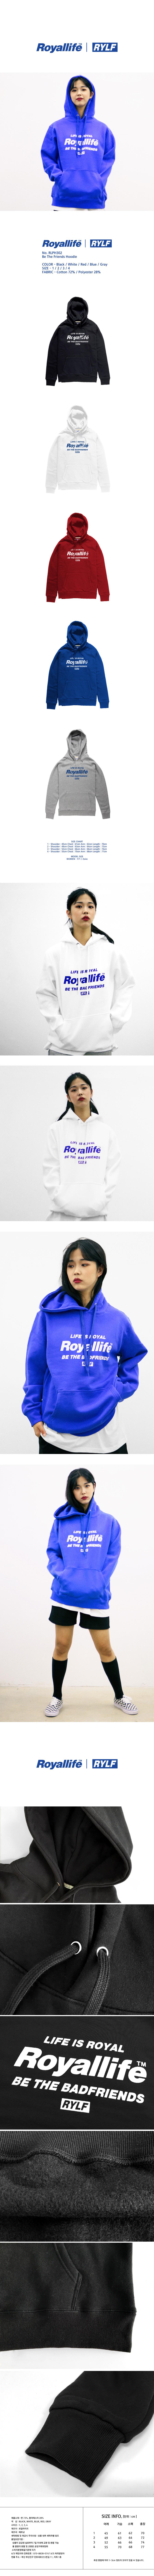 로얄라이프(ROYALLIFE) RLPH302 비 더 프렌즈 로고 후드 - 블루